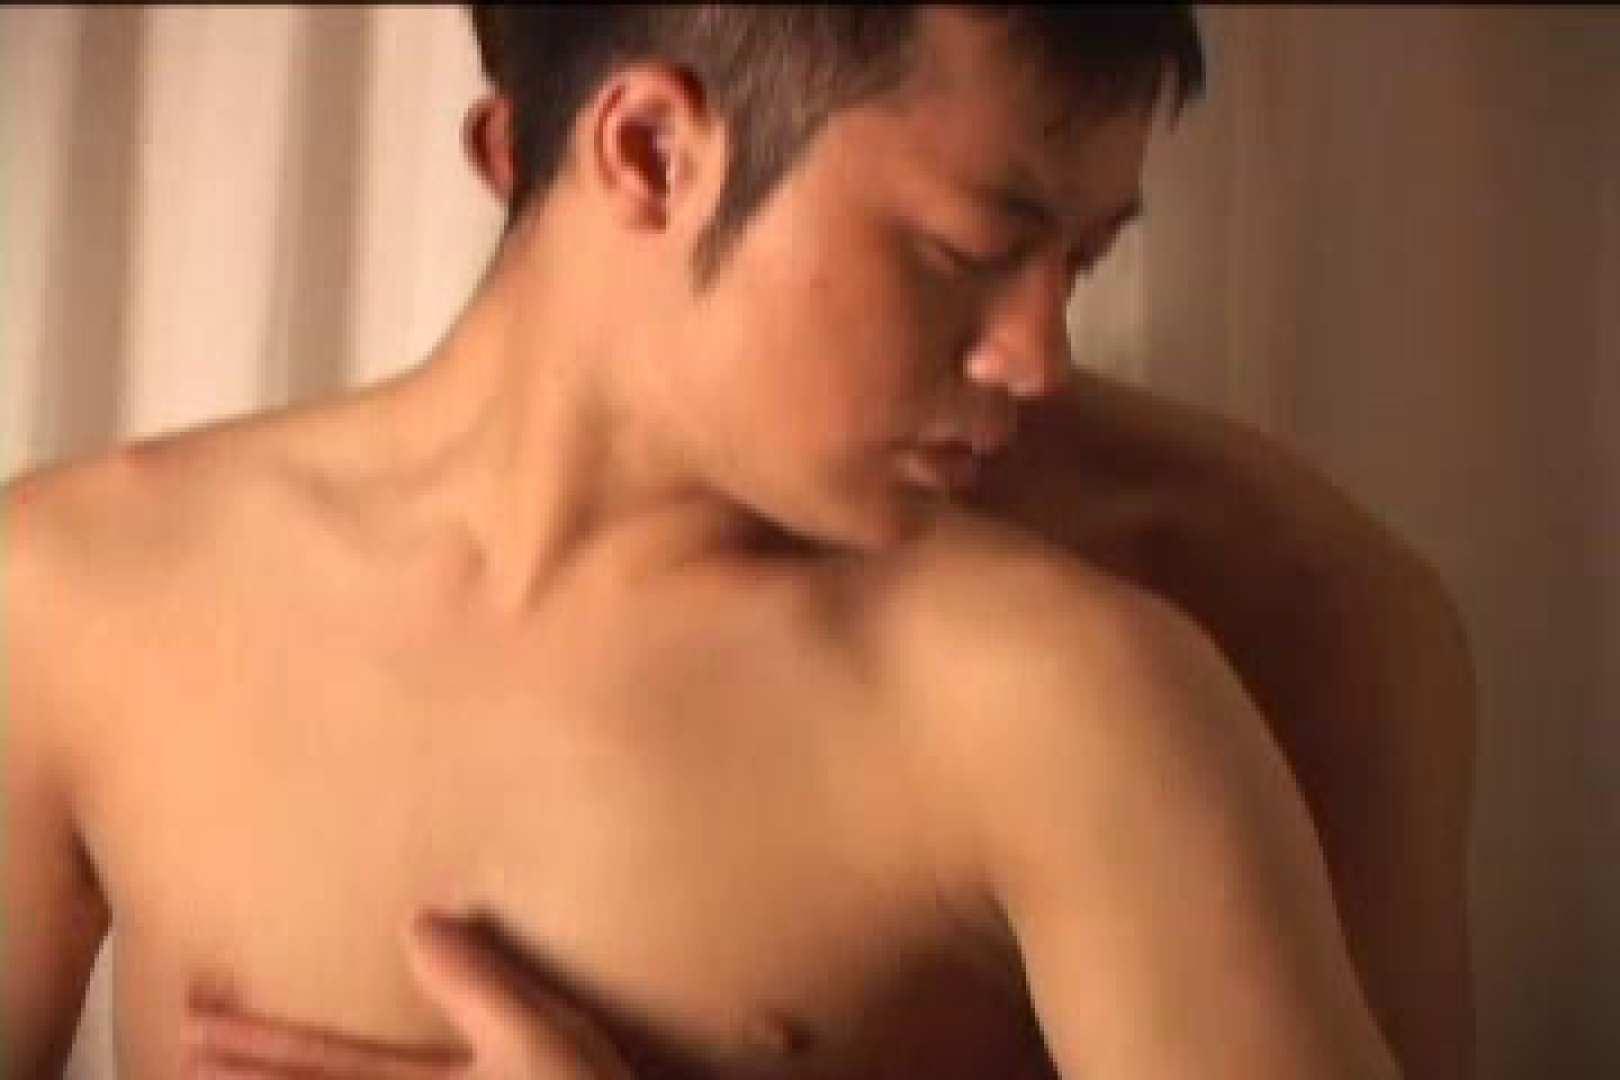 光り輝く男たちのロマンシングメモリー!!vol.05 男のゲイ天国 | ゲイ達のフェラ  10枚 8